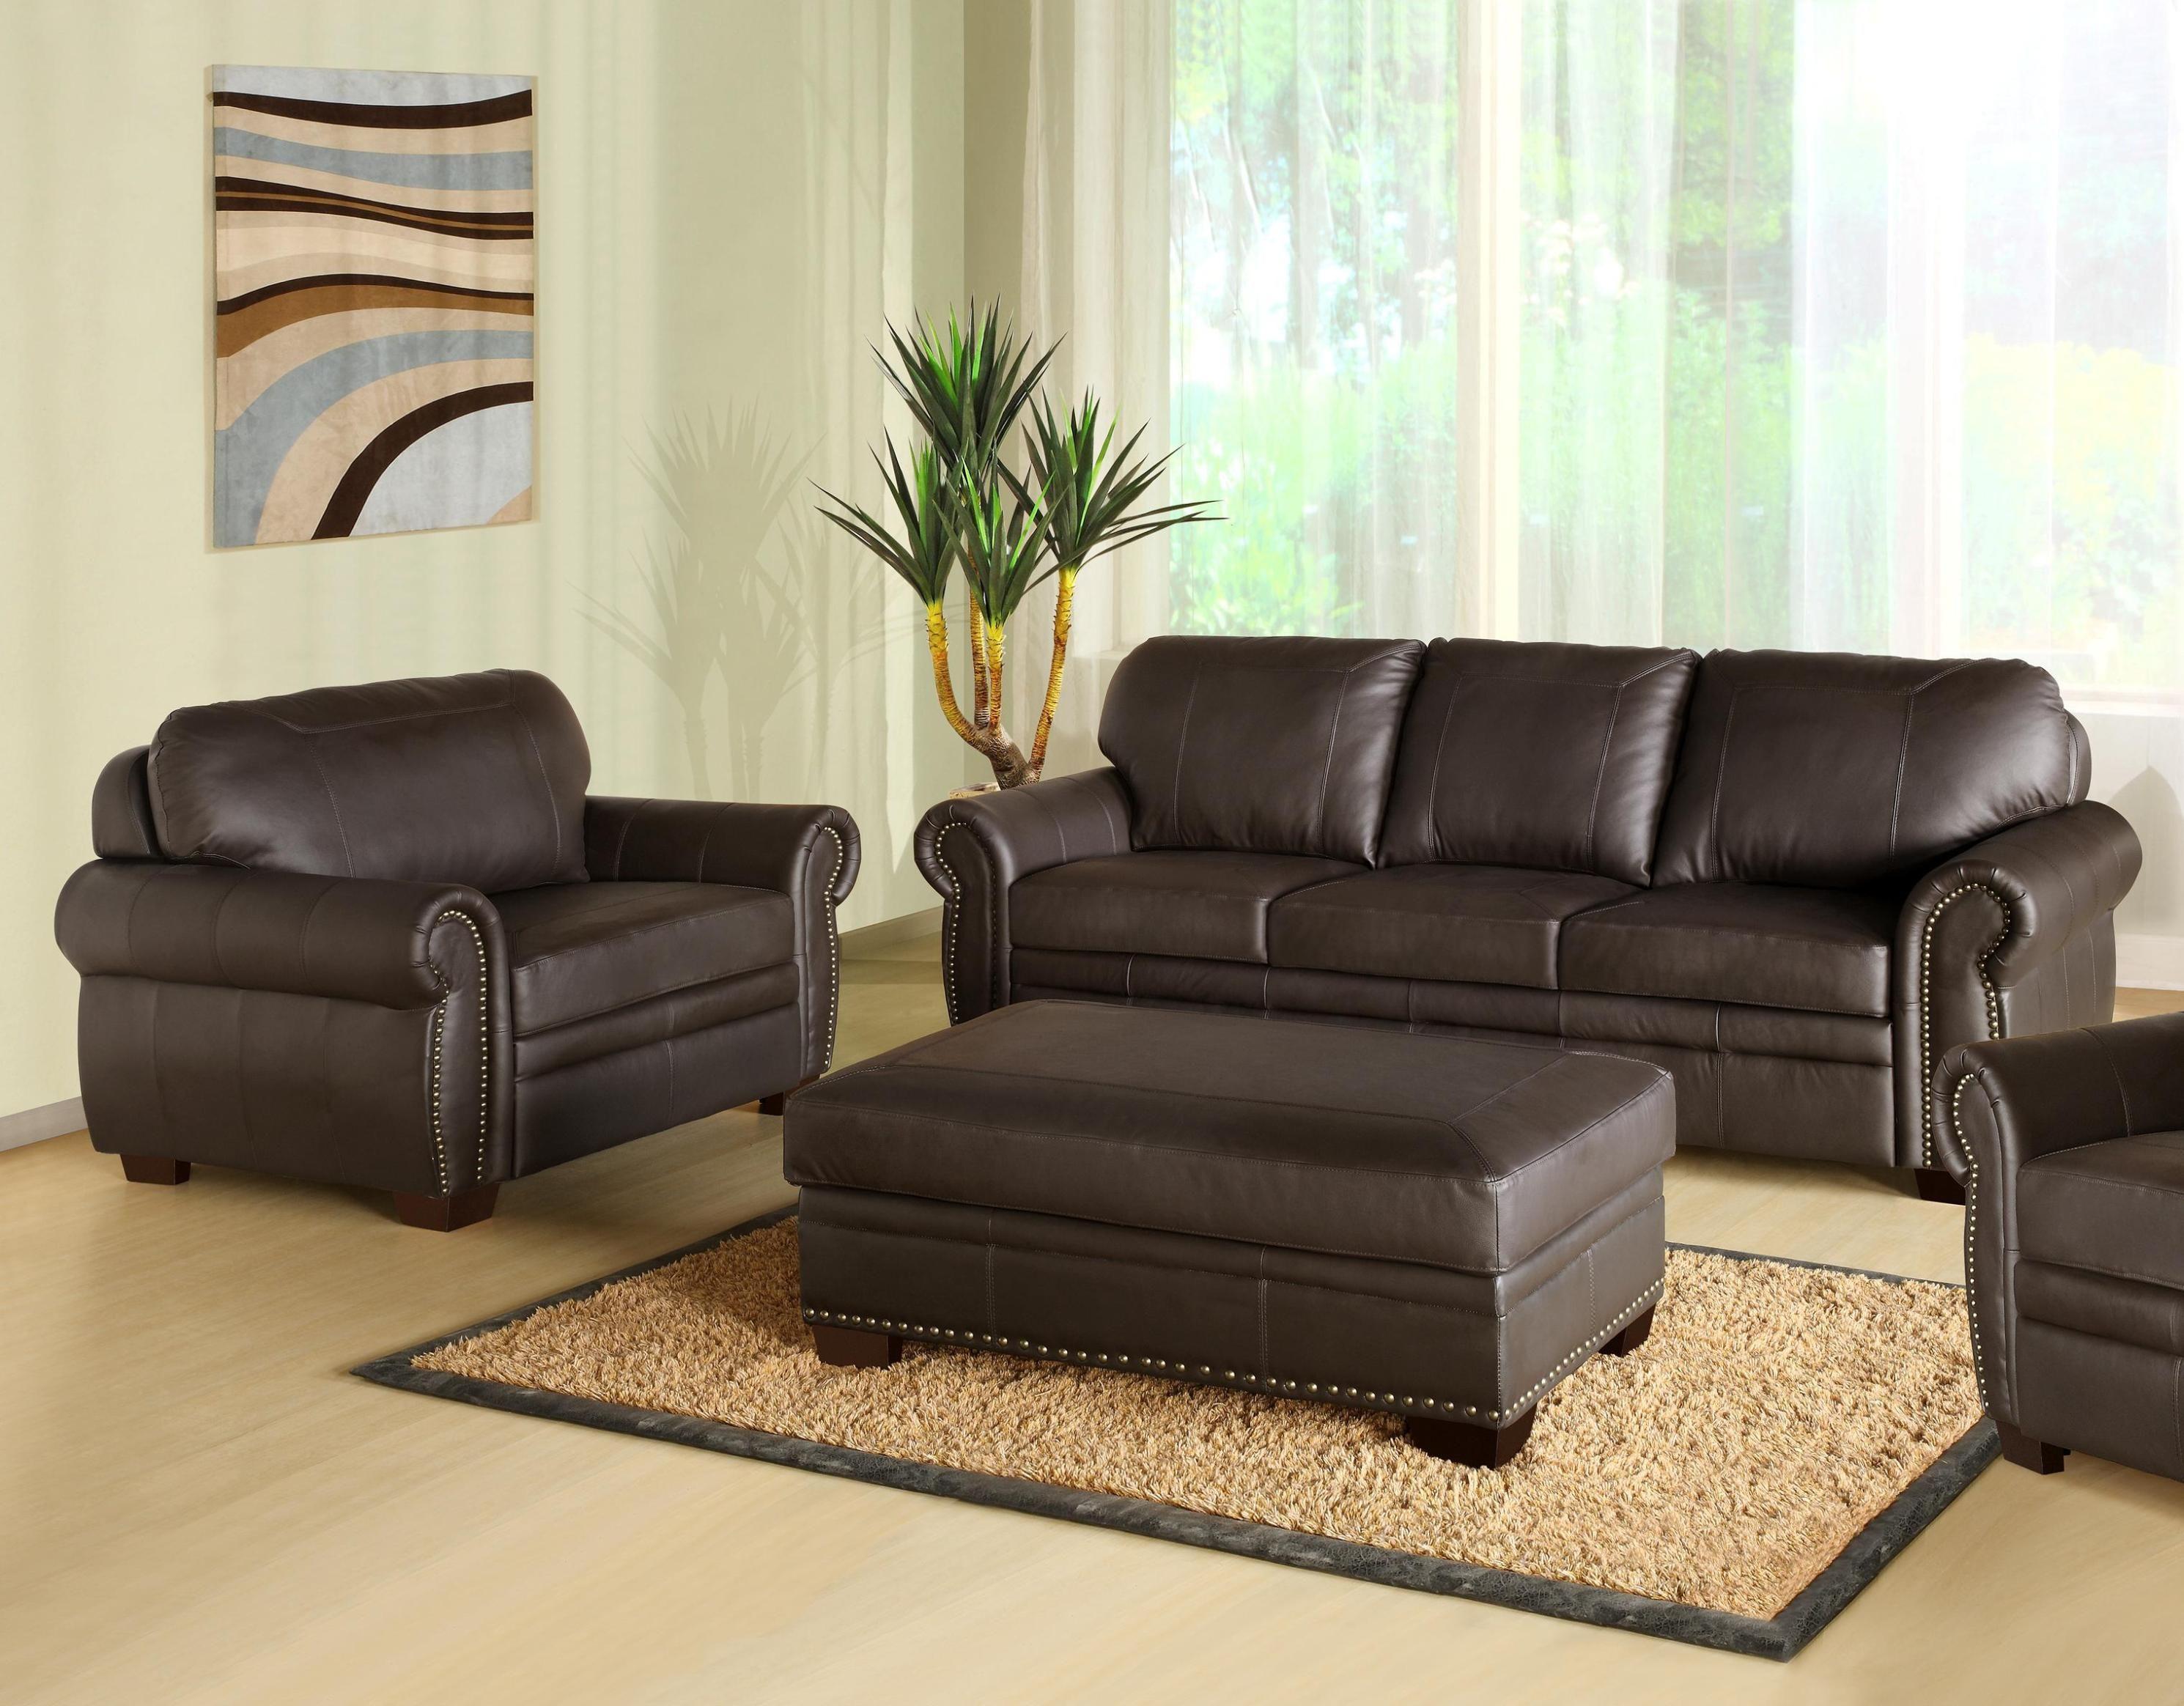 Esszimmermöbel mit lagerung eames sessel und hocker zum verkauf Übergroßen gemusterten sessel